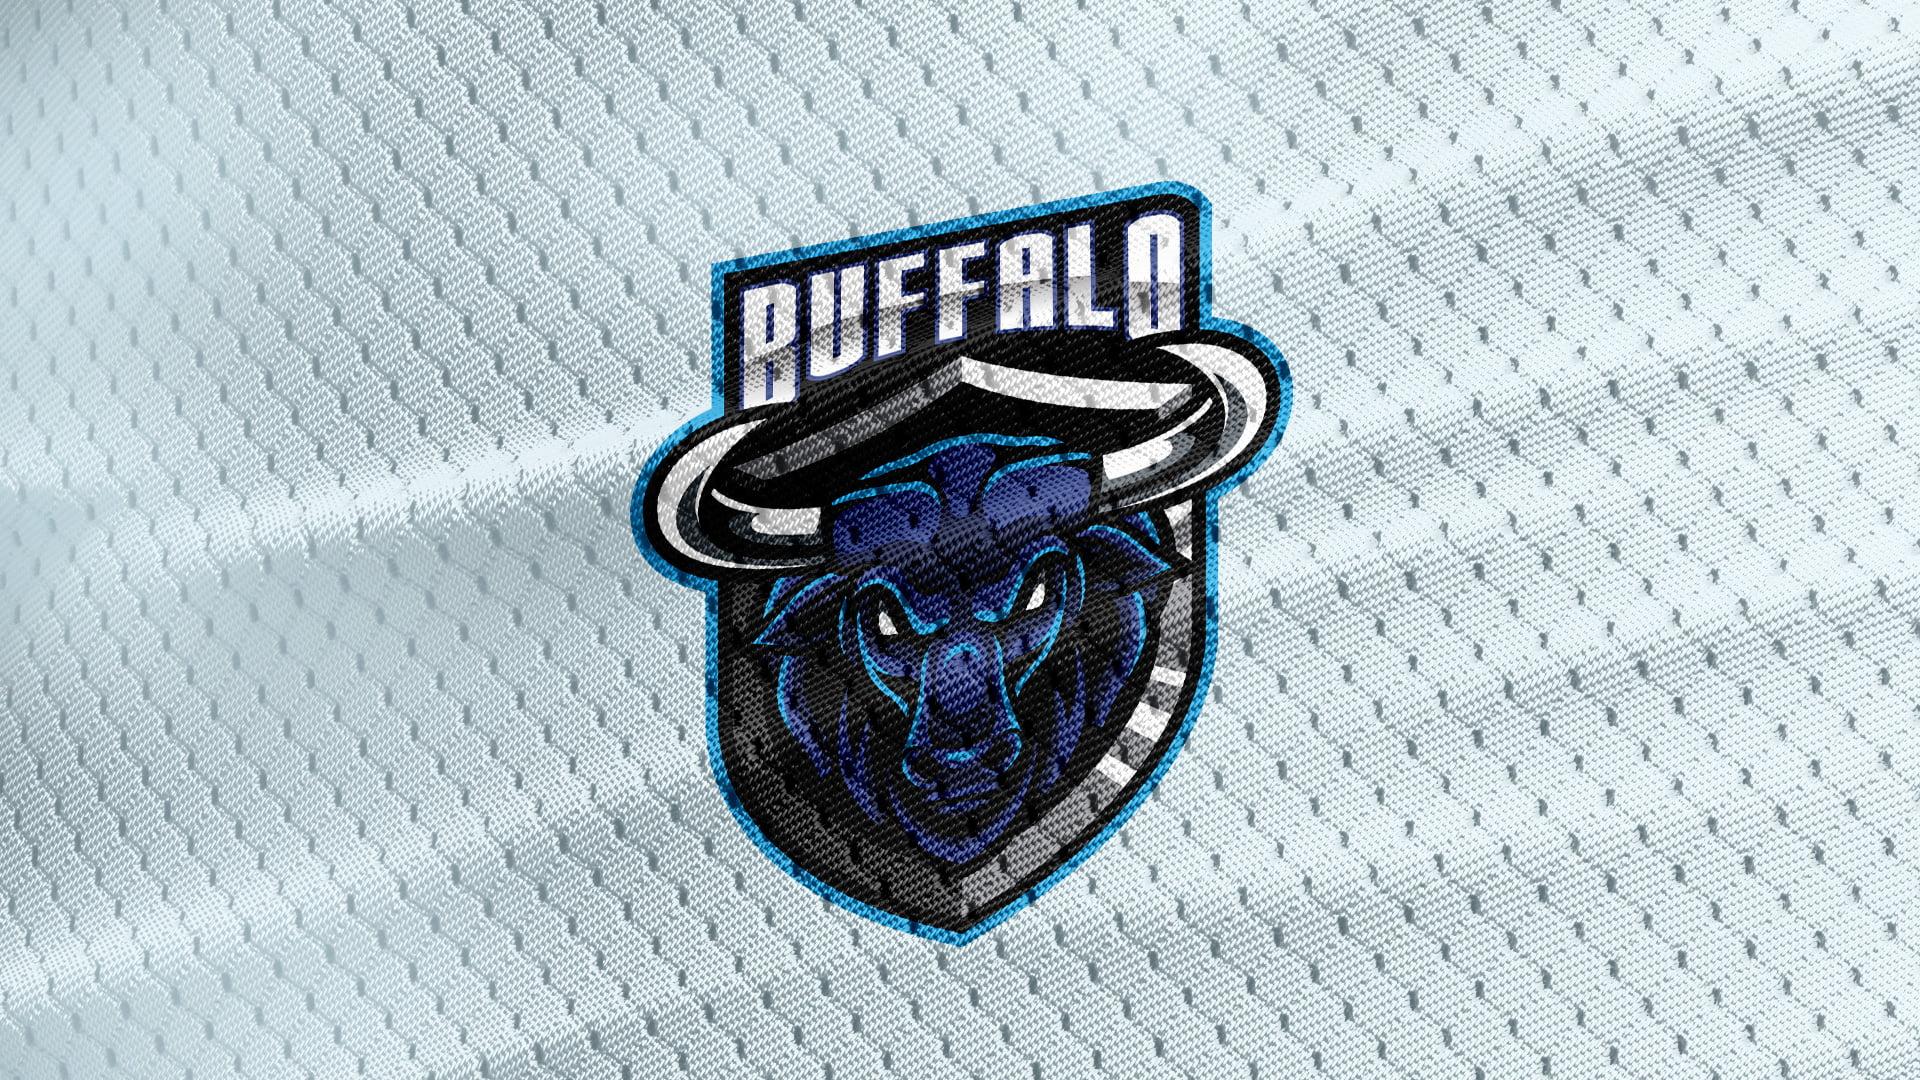 Jersey-Texture-Free-Buffalo-Mascot-Logo